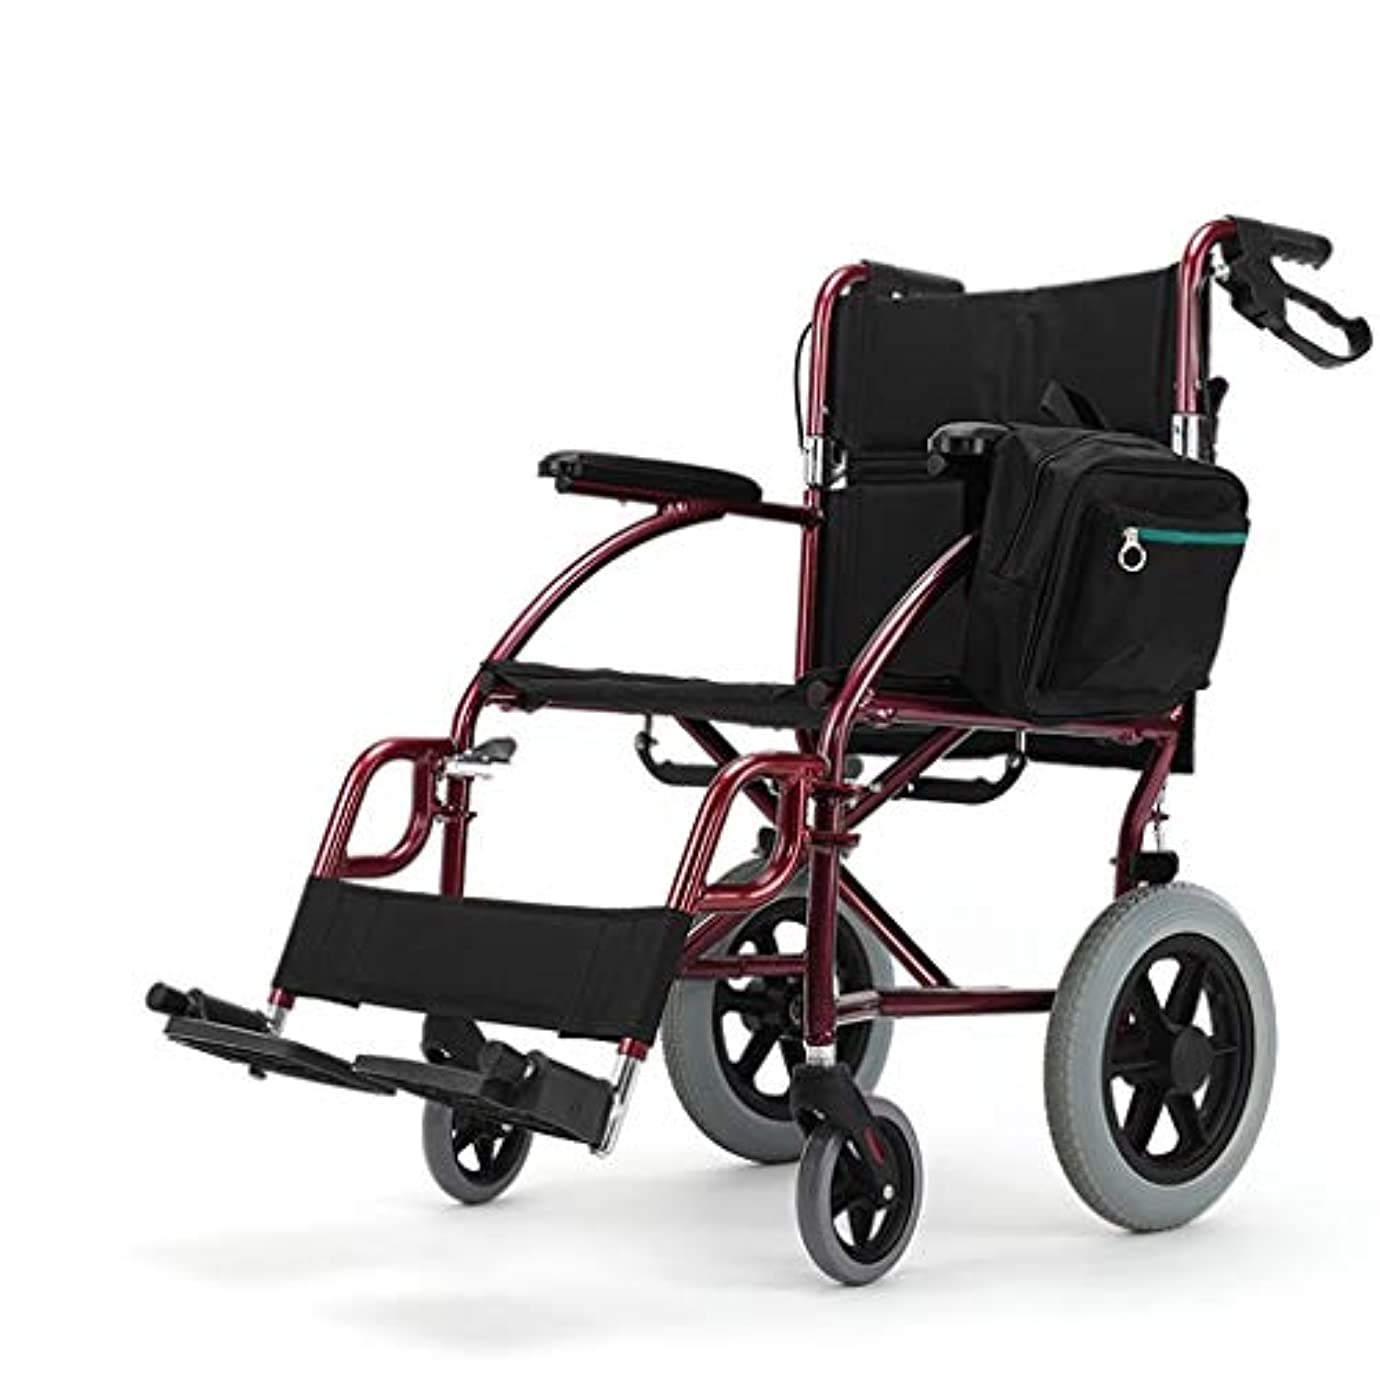 死ぬコンピューター絡み合い屋外旅行のための手動車椅子、折り畳み式のアルミ折りたたみ車椅子取り外し可能なペダル、障害者のための車椅子